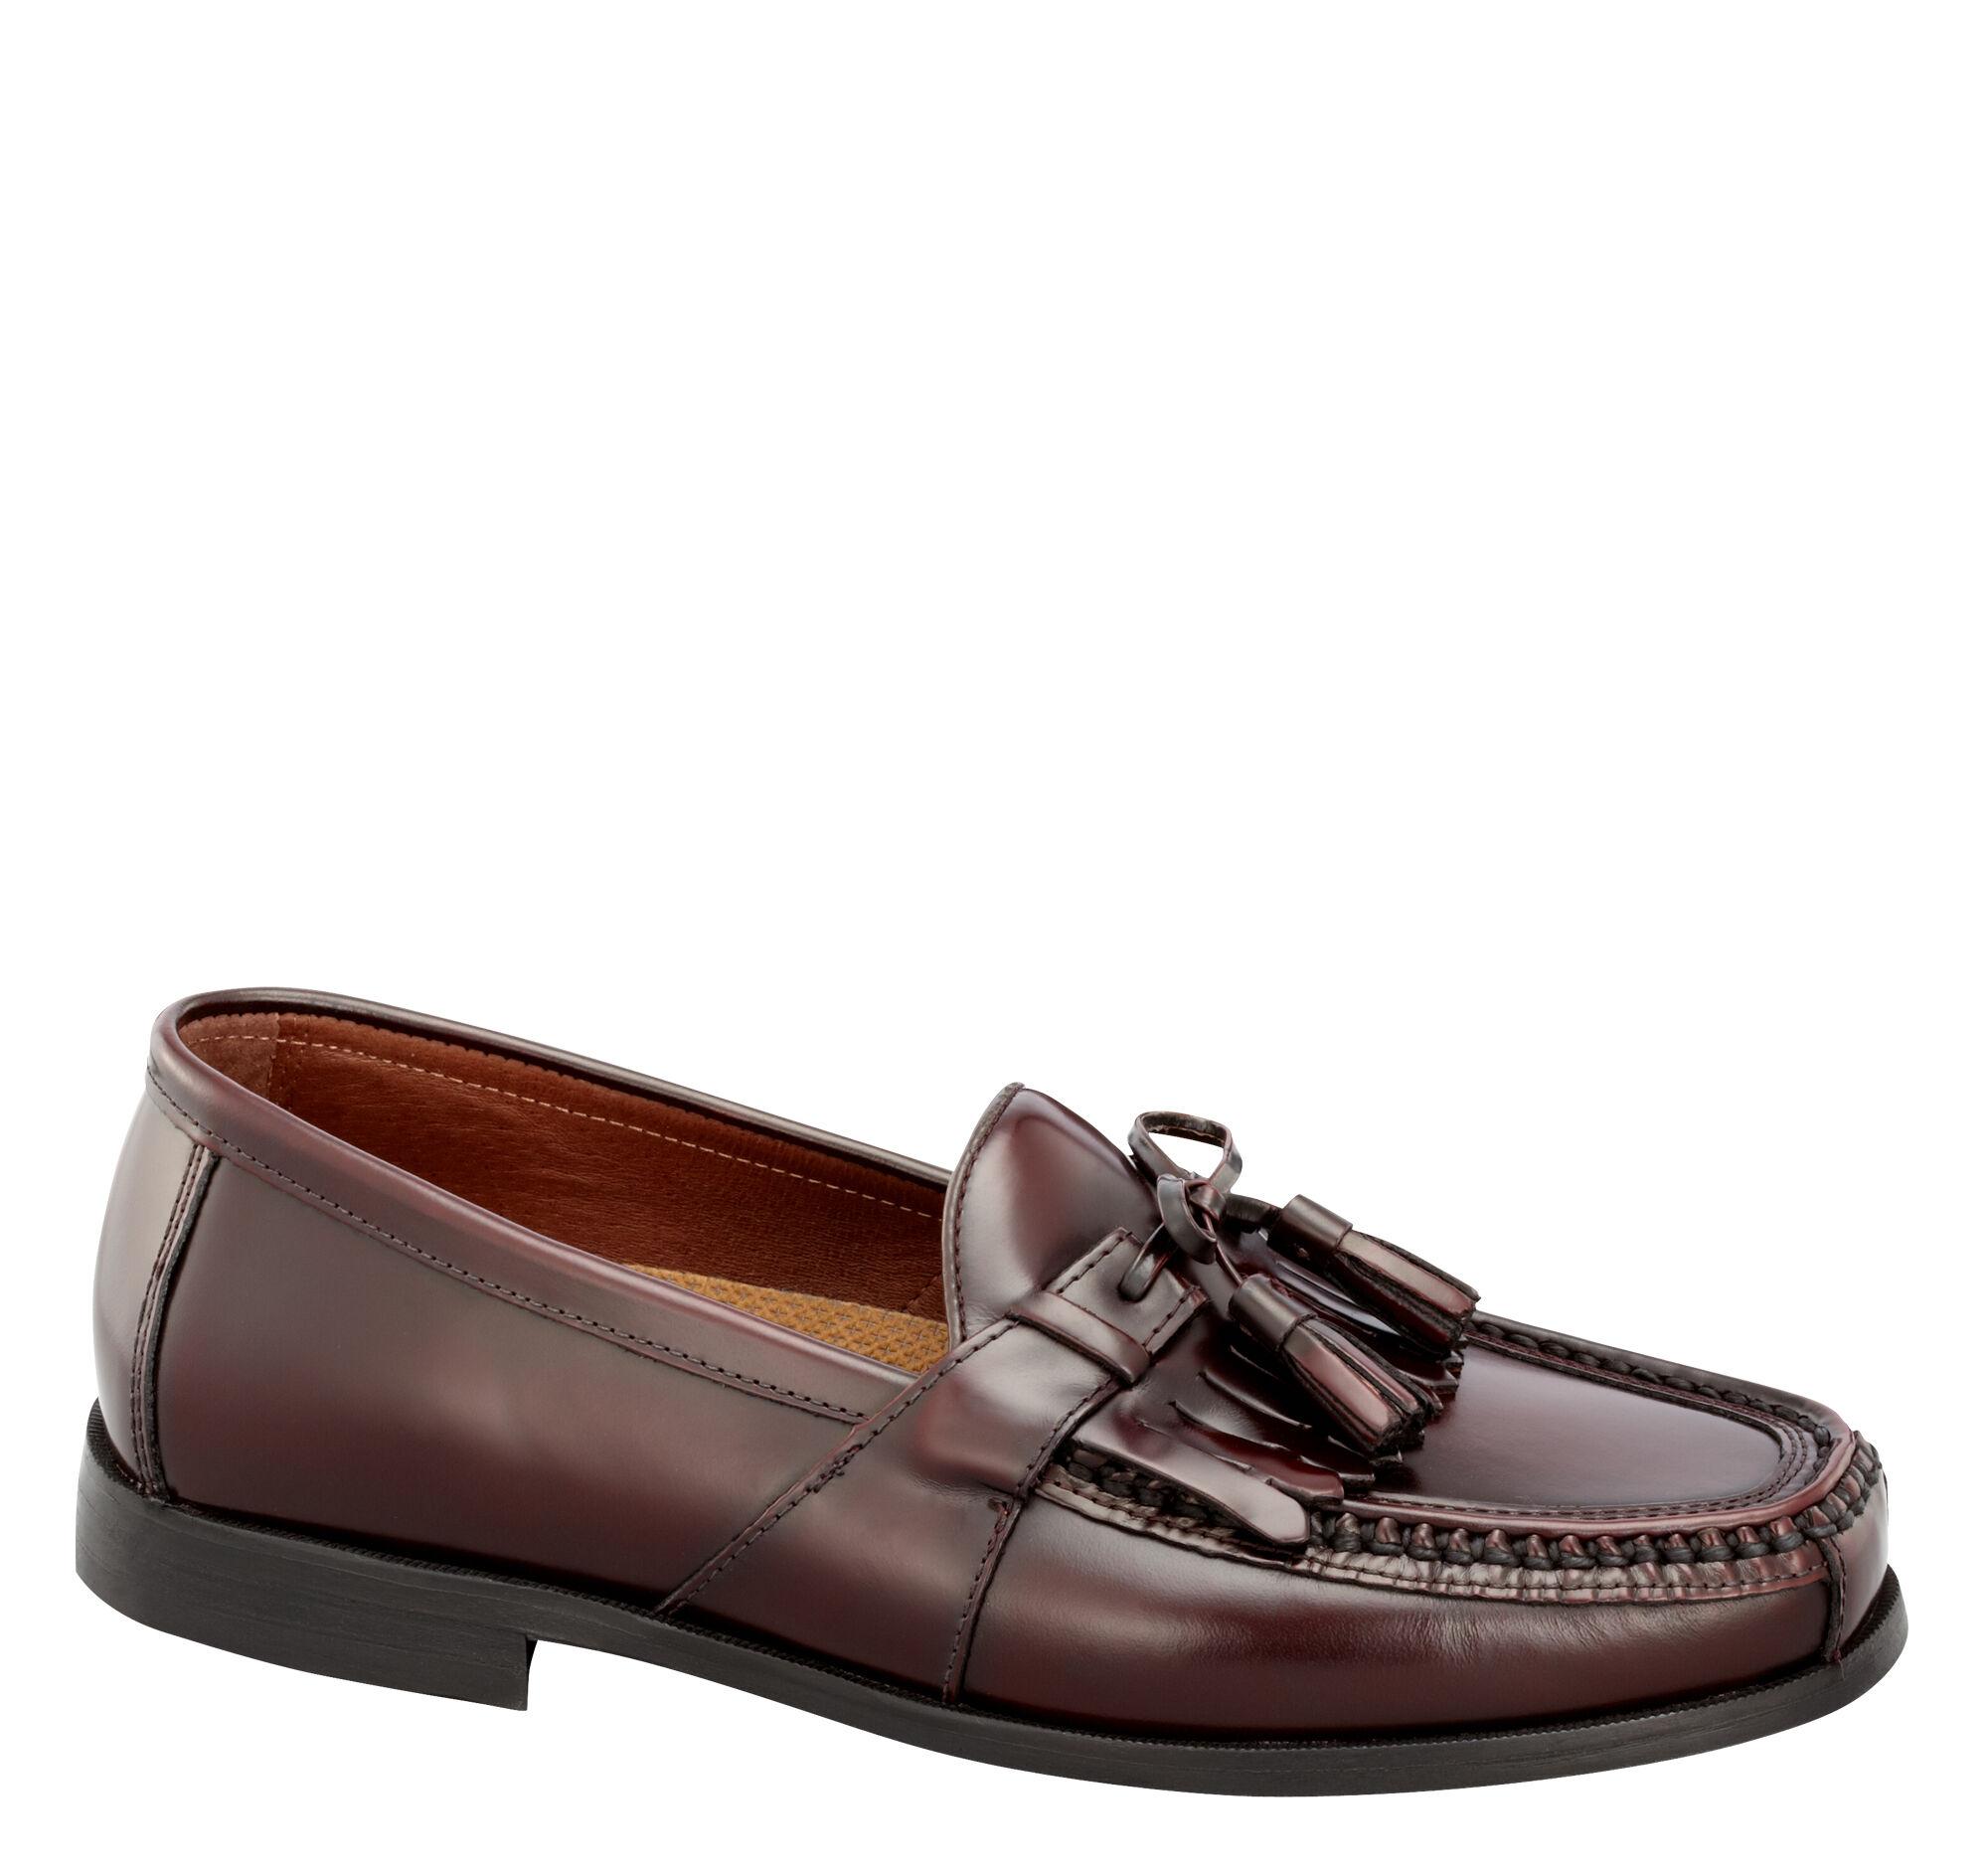 Aragon Ii Kiltie Tassel Johnston Murphy D Island Shoes Slip On Mocasine Casual Brown